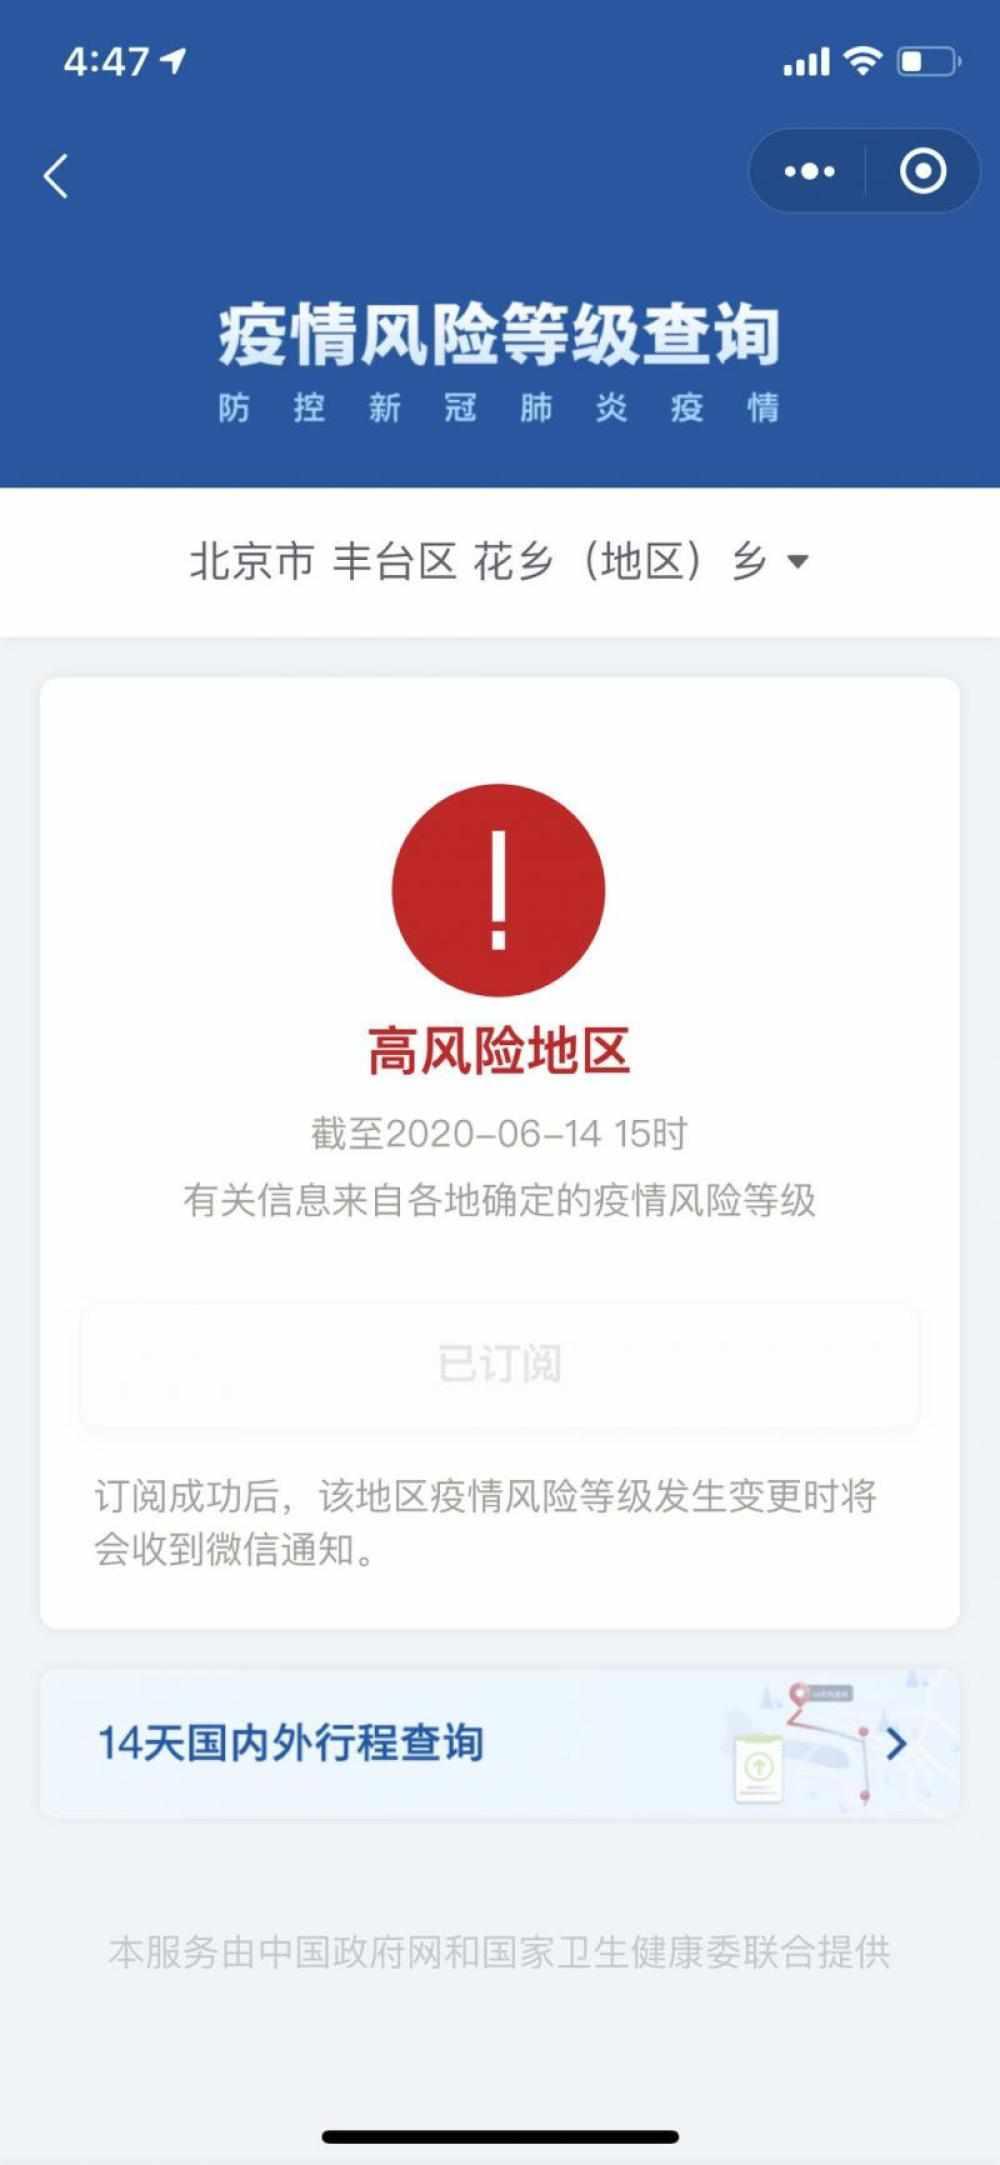 北京丰台区花乡疫情风险品级已经进级为高风险